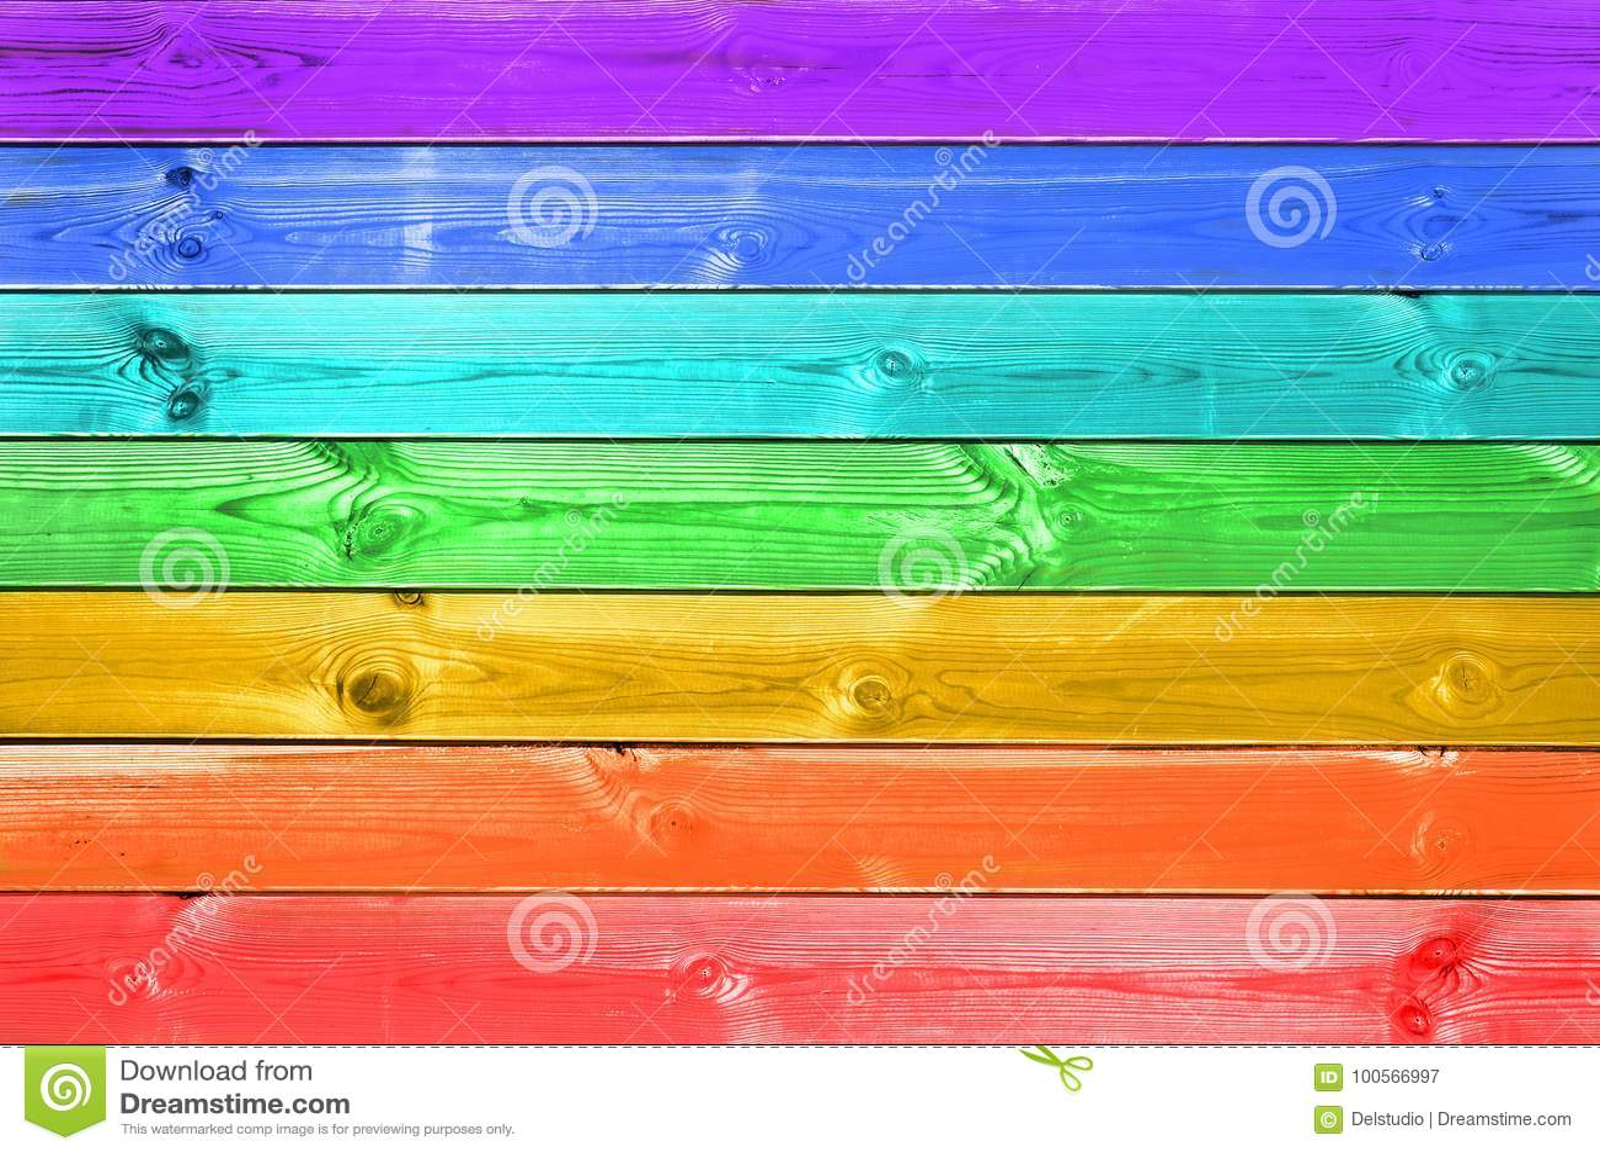 Pastelkleur kleurrijke regenboog geschilderde houten achtergrond, vrolijk vlagconcept